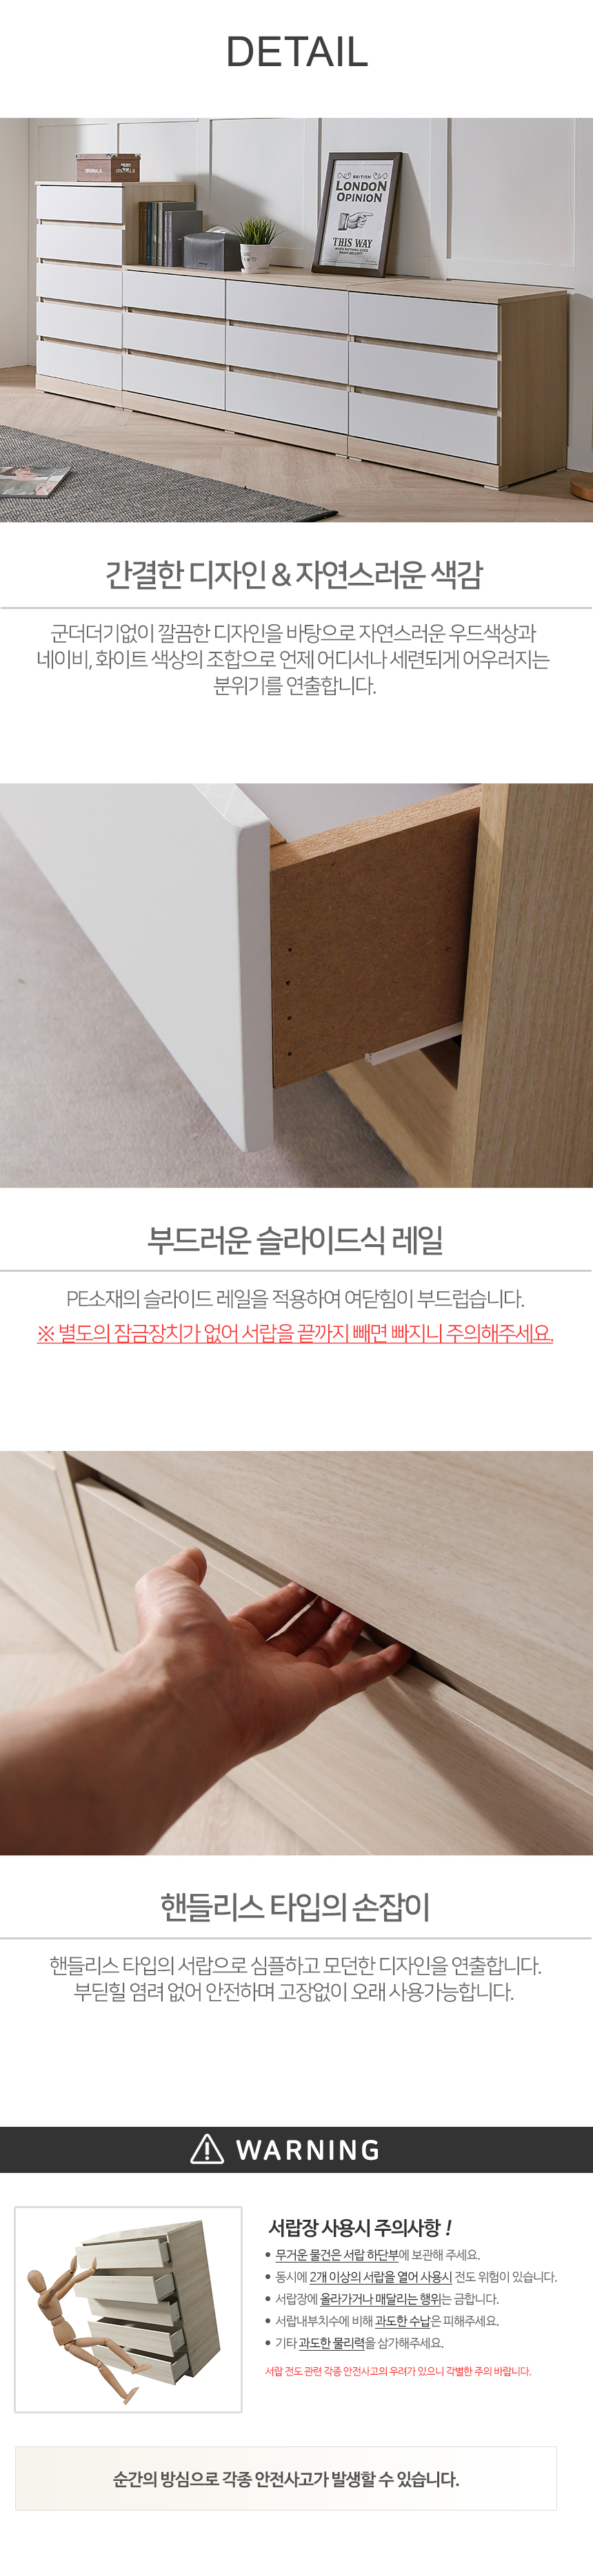 아임미니 600 5단 서랍장 - 셀레스타, 76,900원, 협탁/서랍장, 서랍장